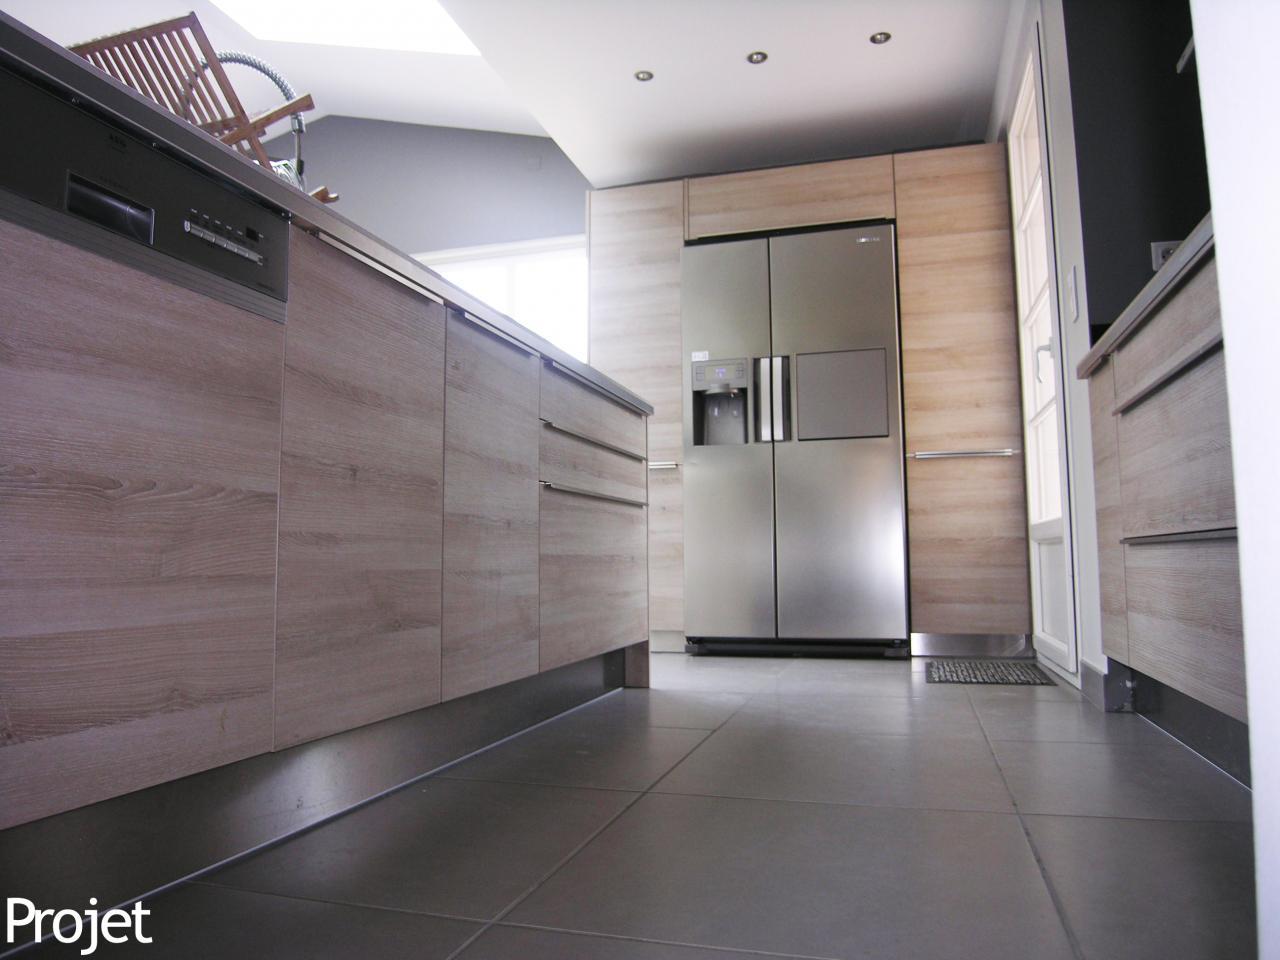 extension d 39 une maison en rdc. Black Bedroom Furniture Sets. Home Design Ideas